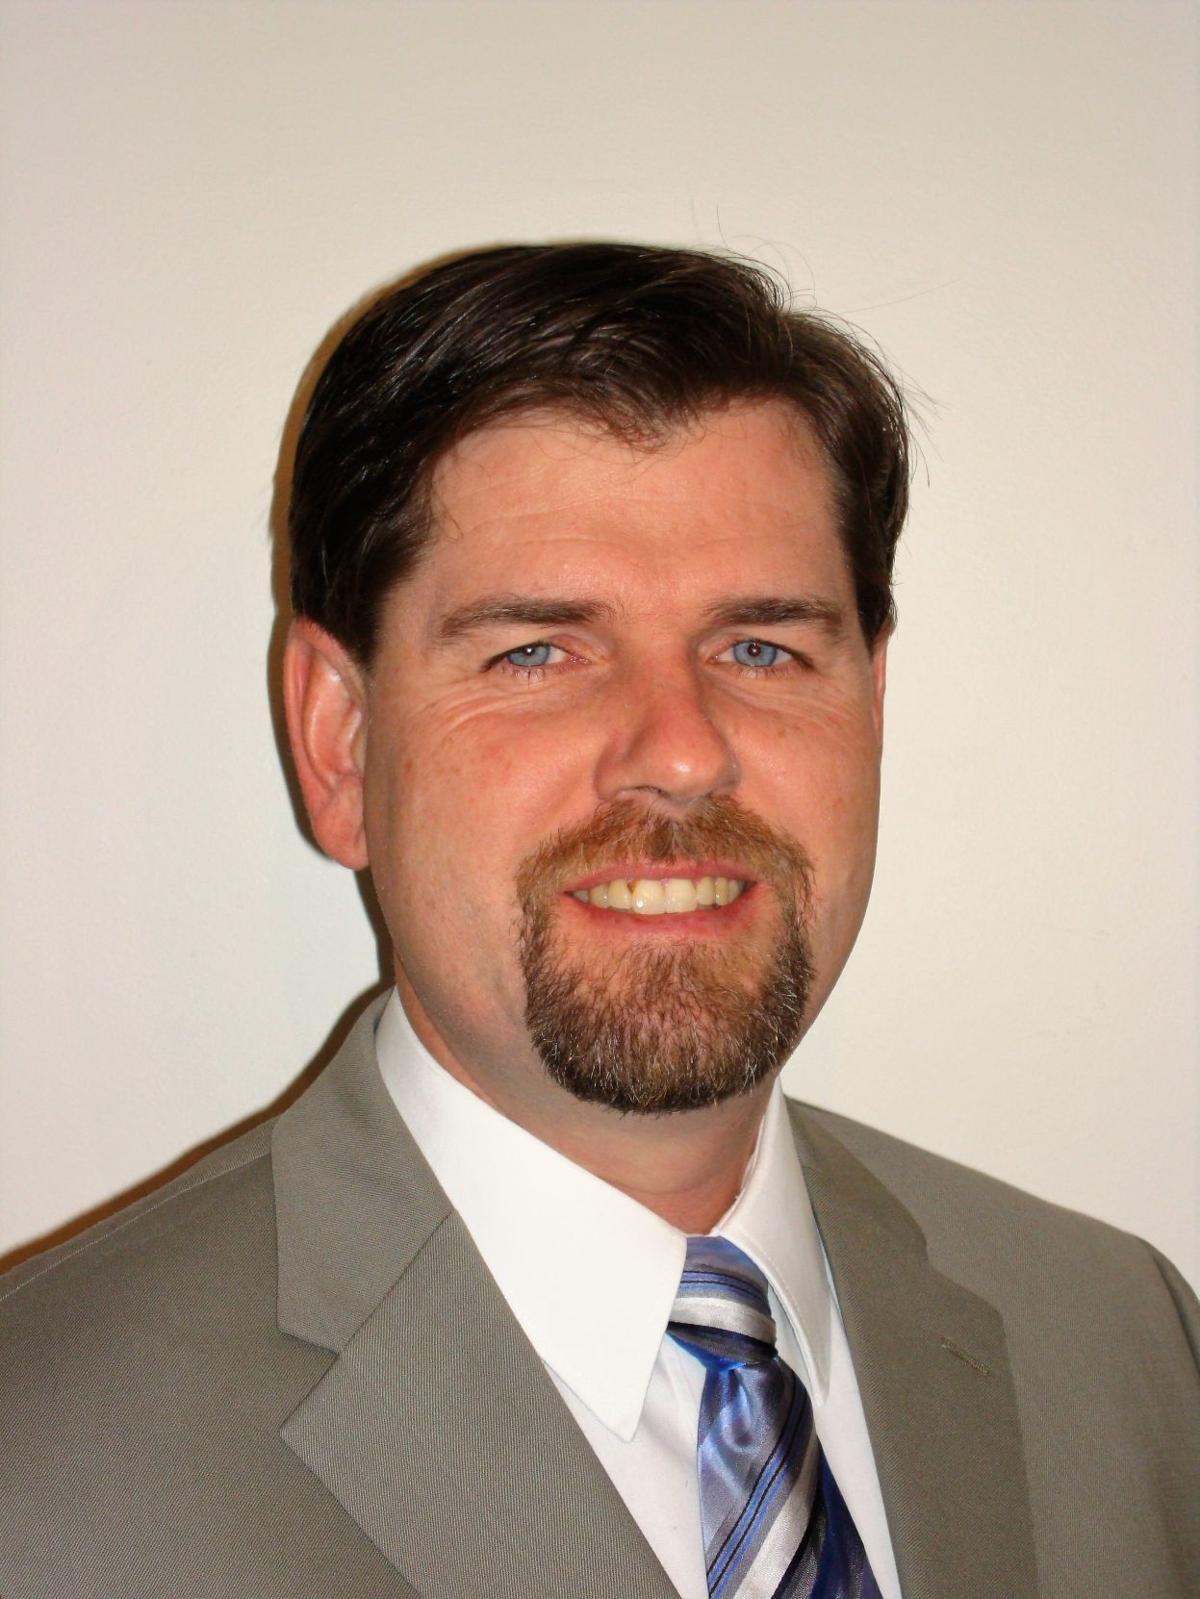 Barry Kimbrough